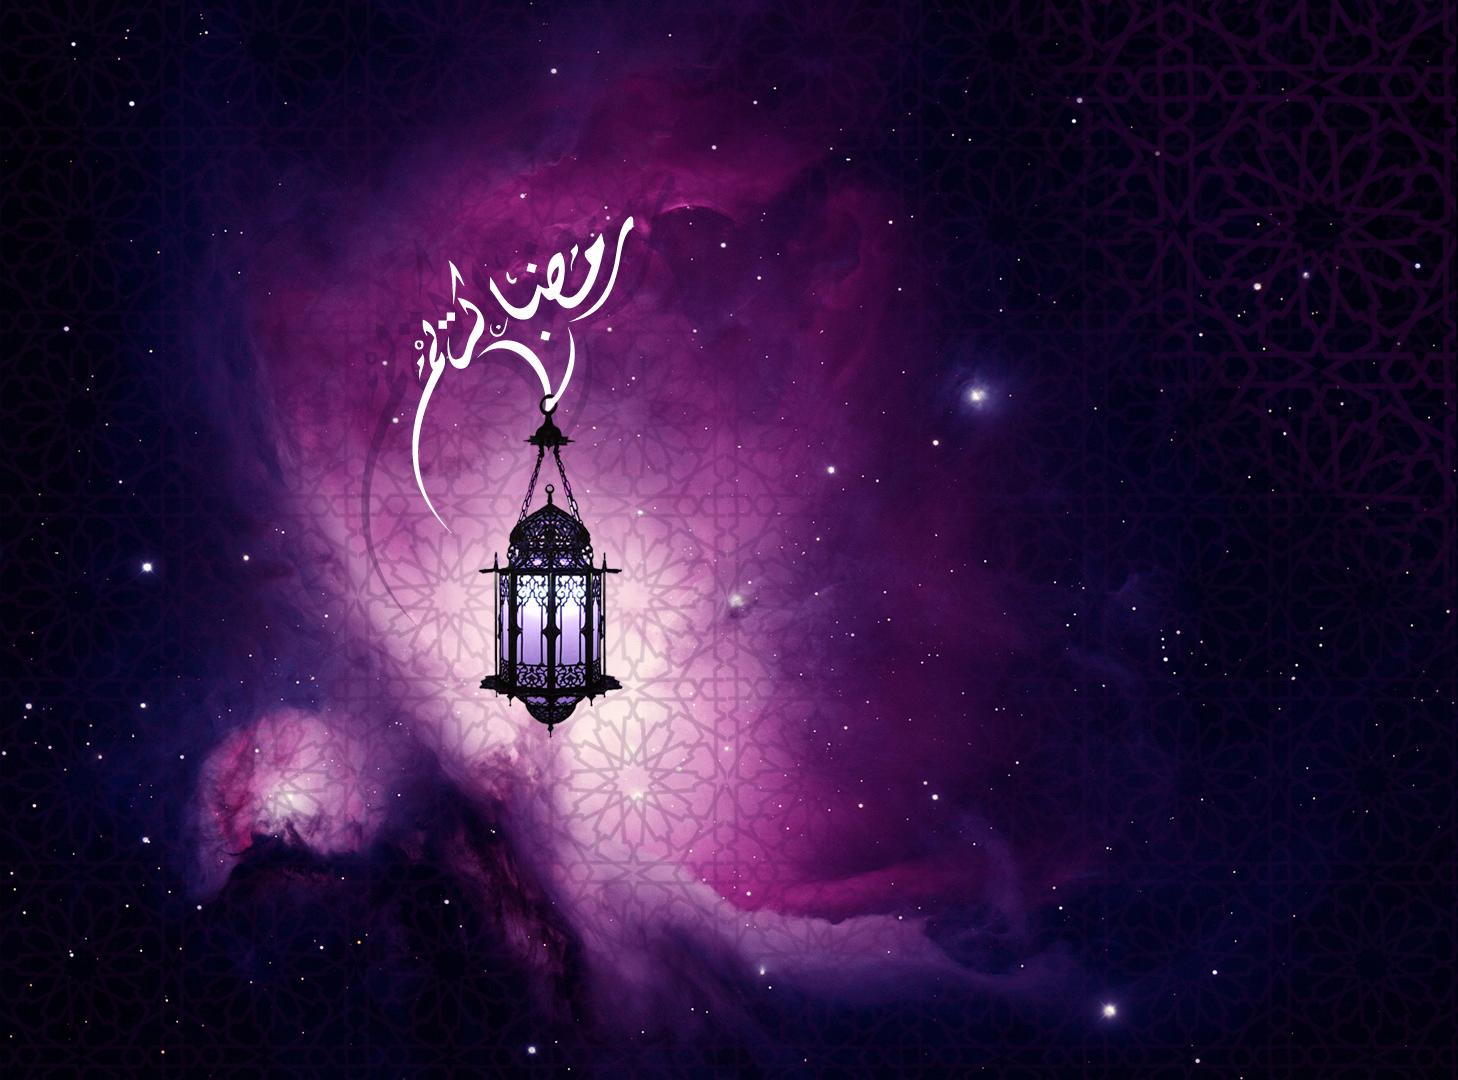 أجمل خلفيات شهر رمضان المبارك 2014 بجودة HD حصريا على منتديات إبداع Ramadan_by_dejavu_khalil-d44us9h